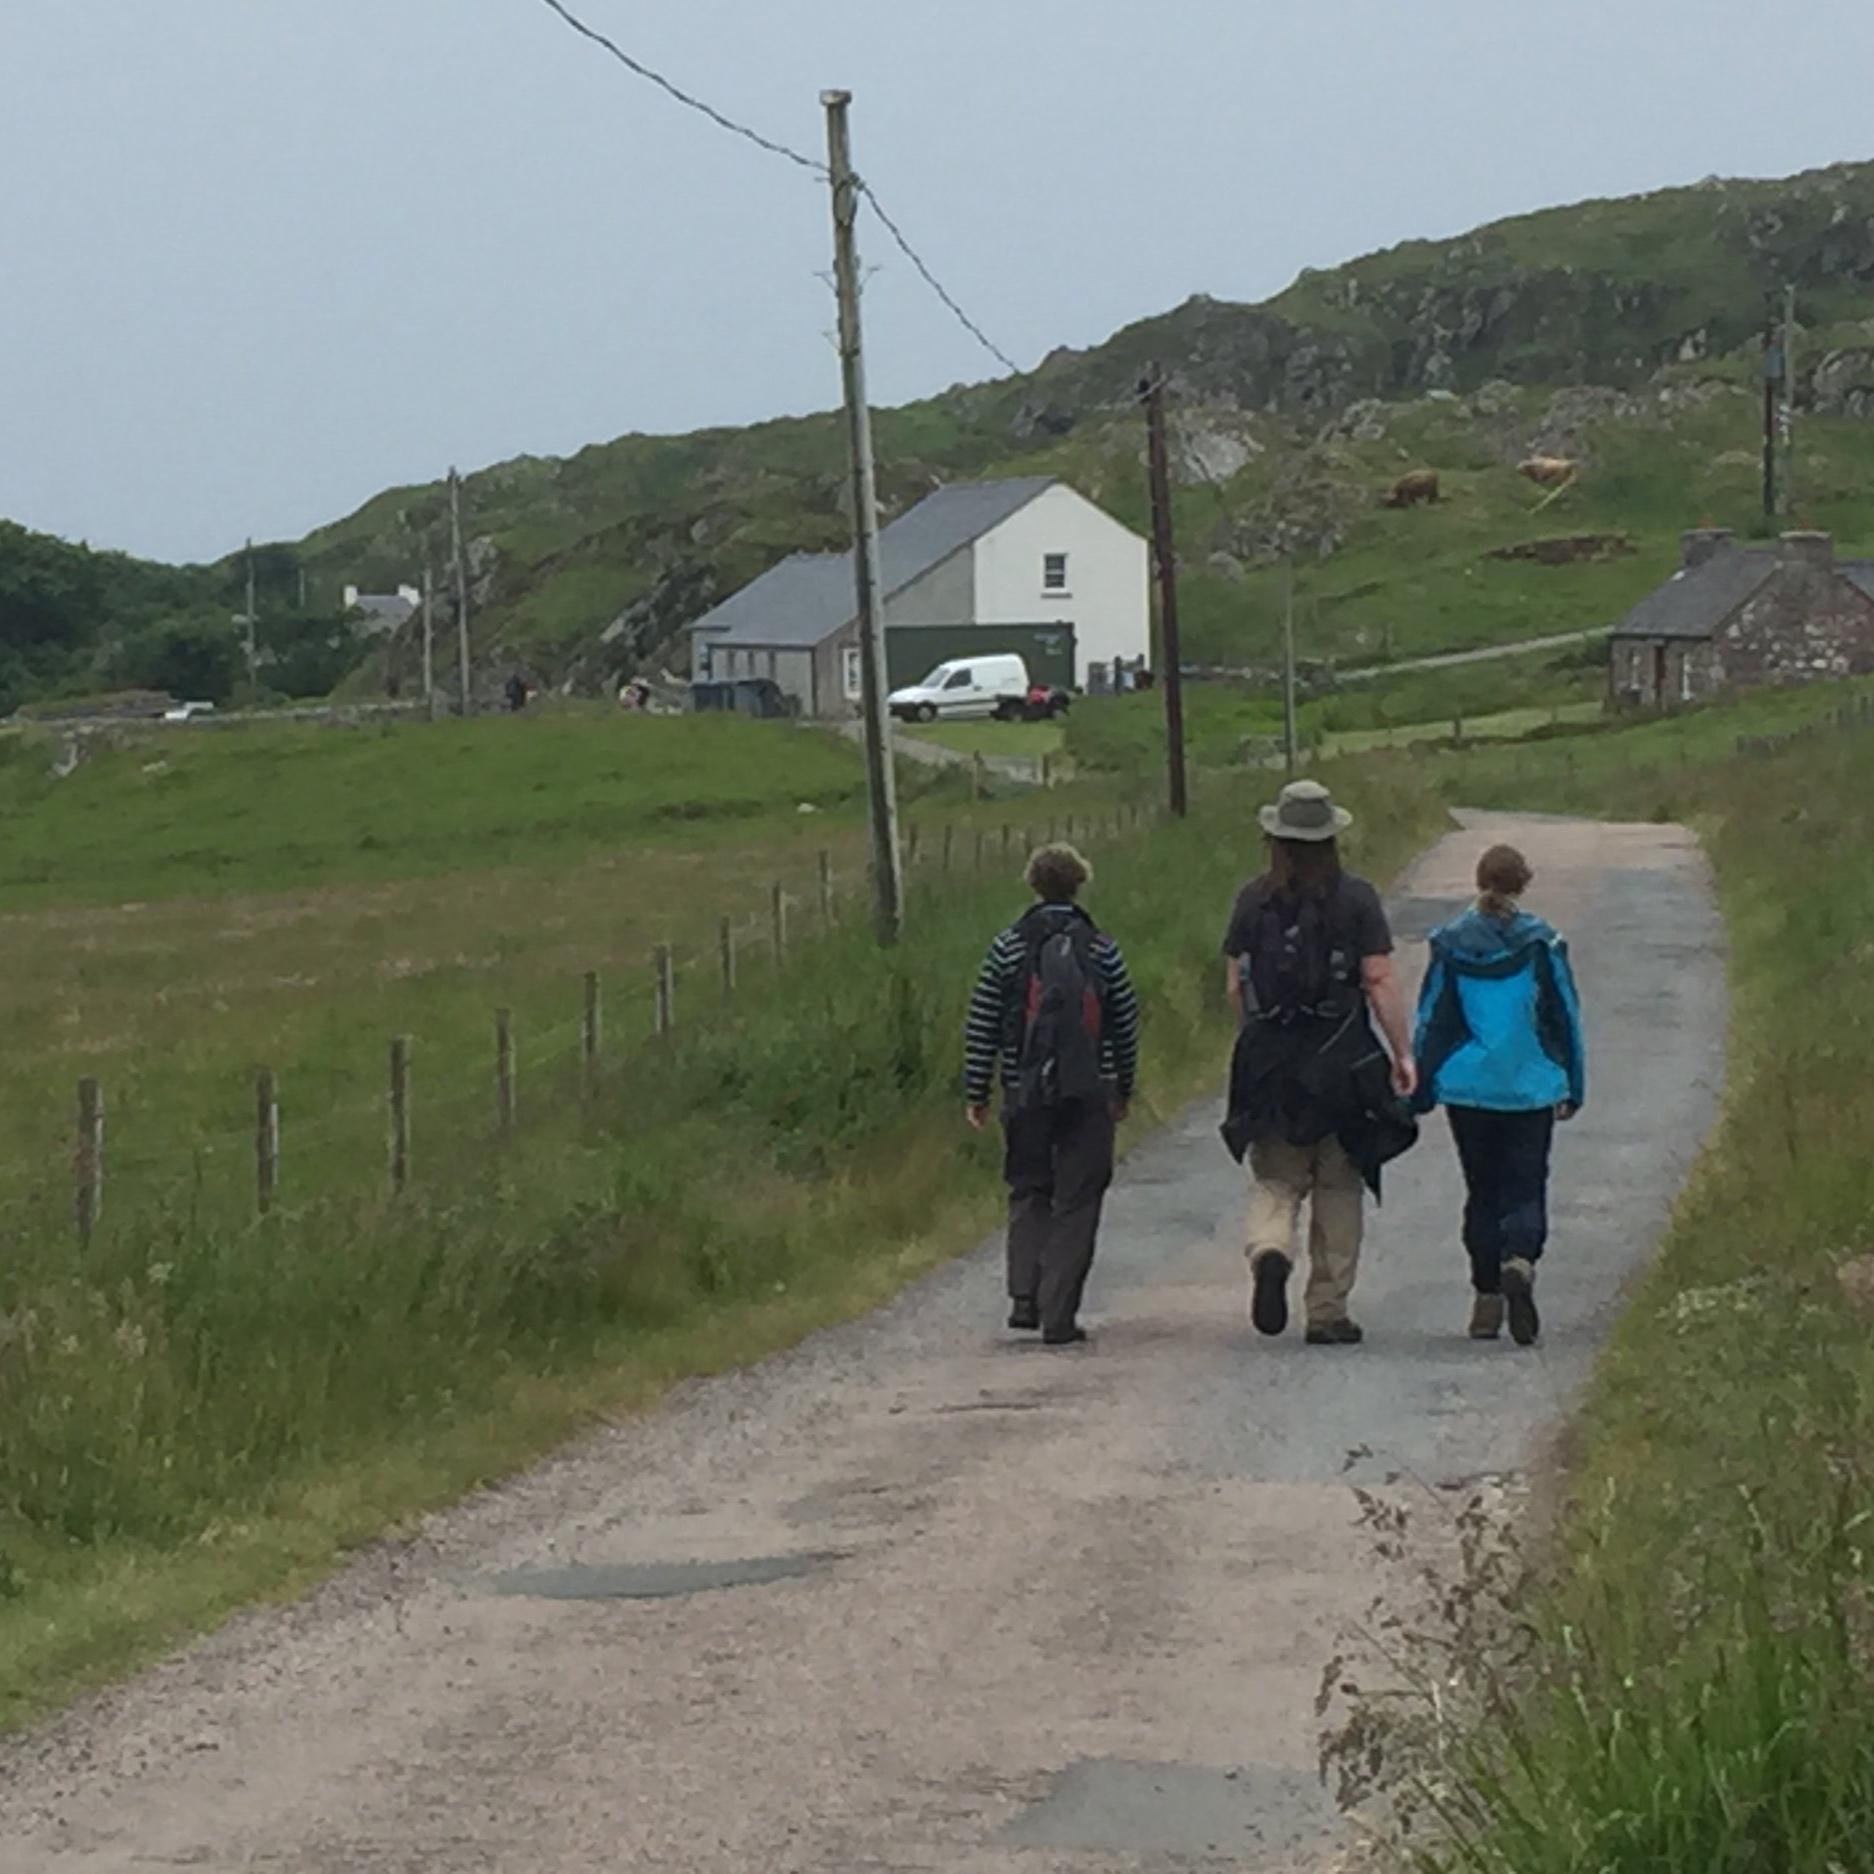 Walking St. Cuthbert's Way - 20 - 26 June 2020